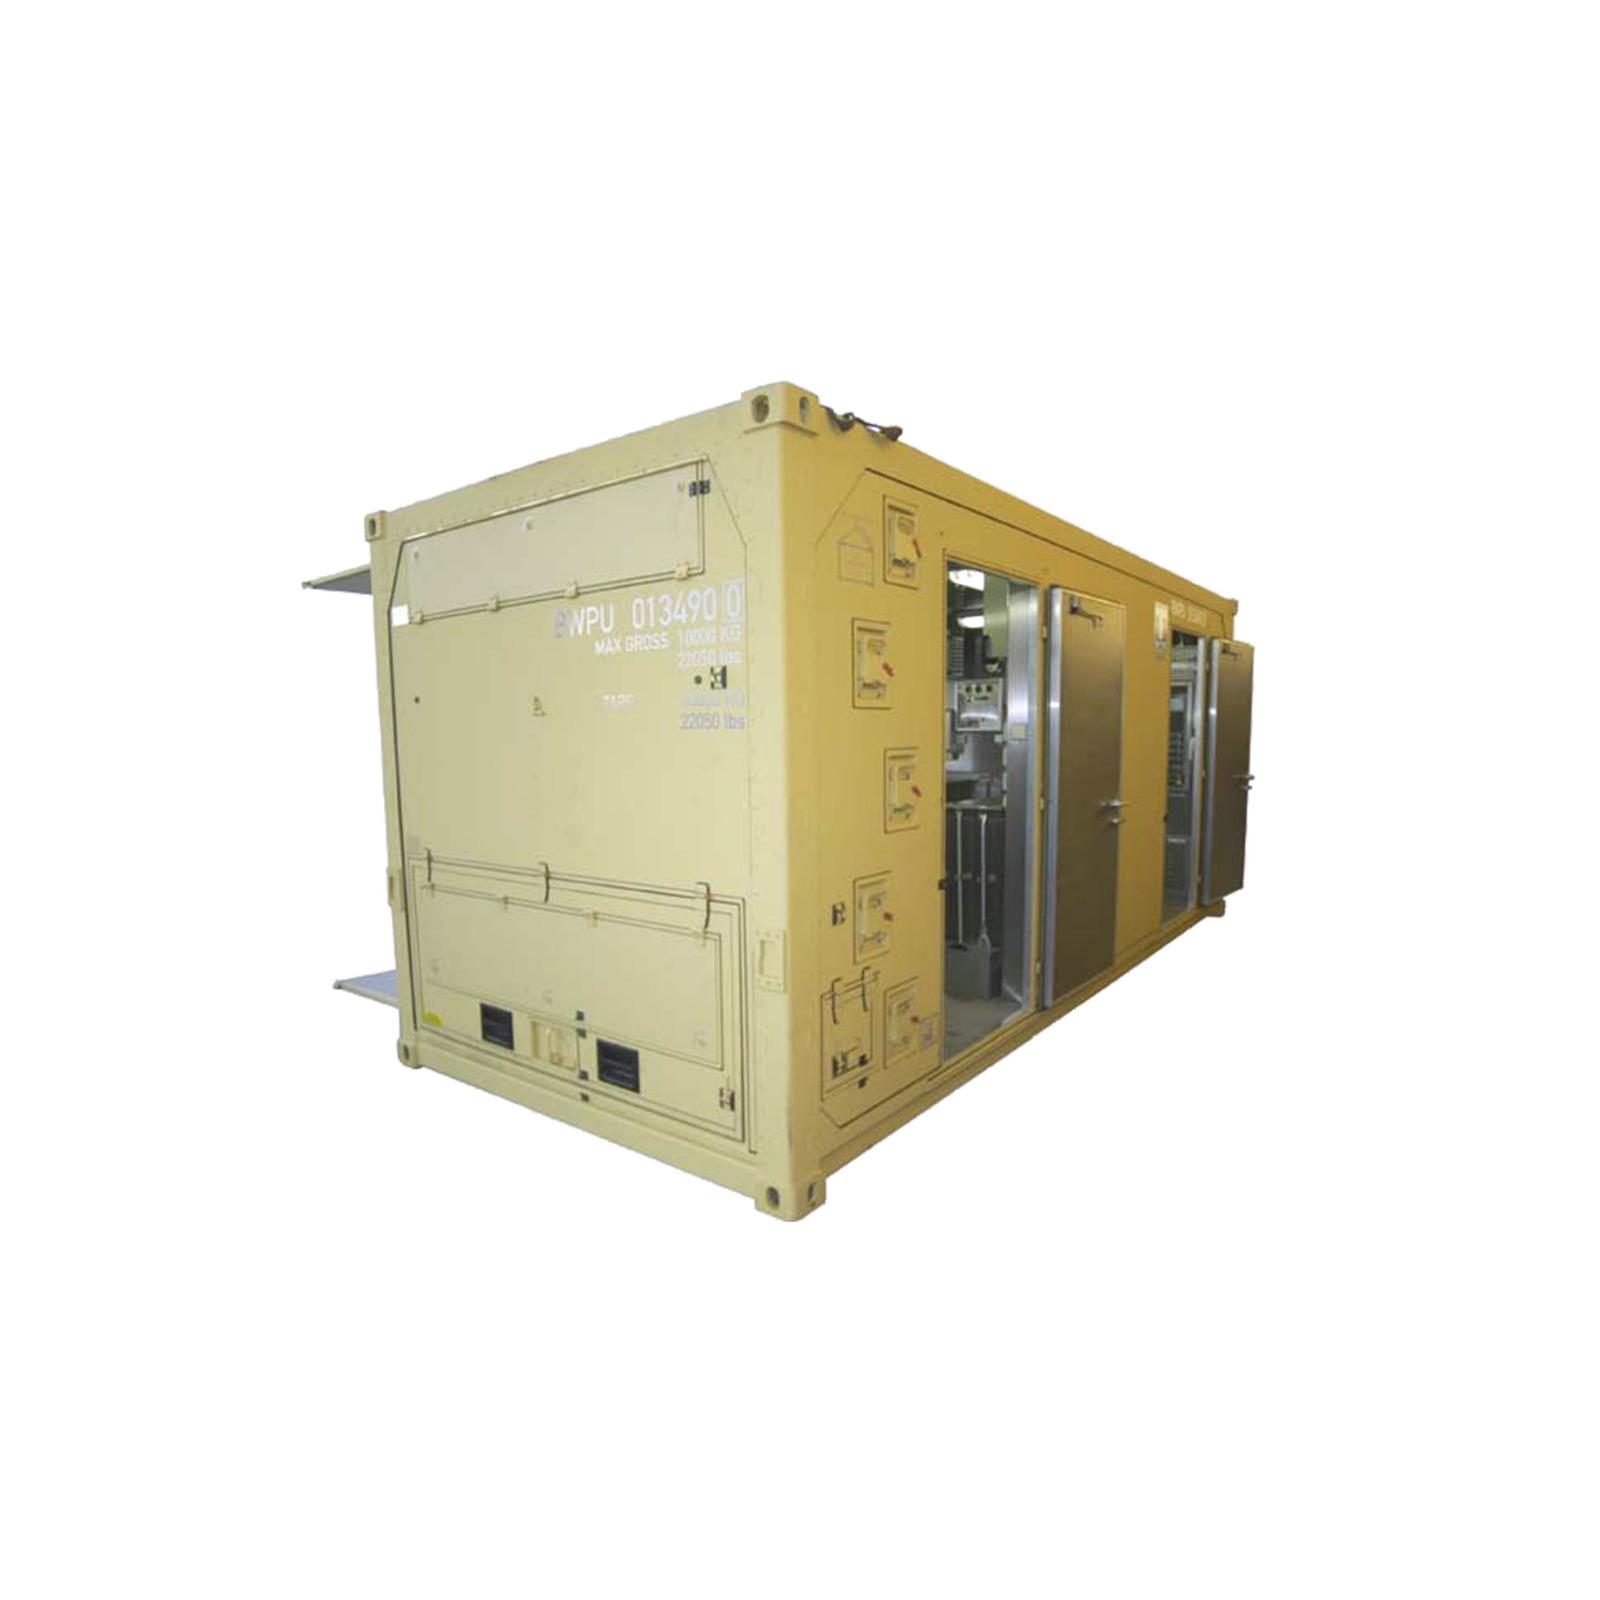 contenedor para elaboración de alimentos 1 sin generador | futuretech